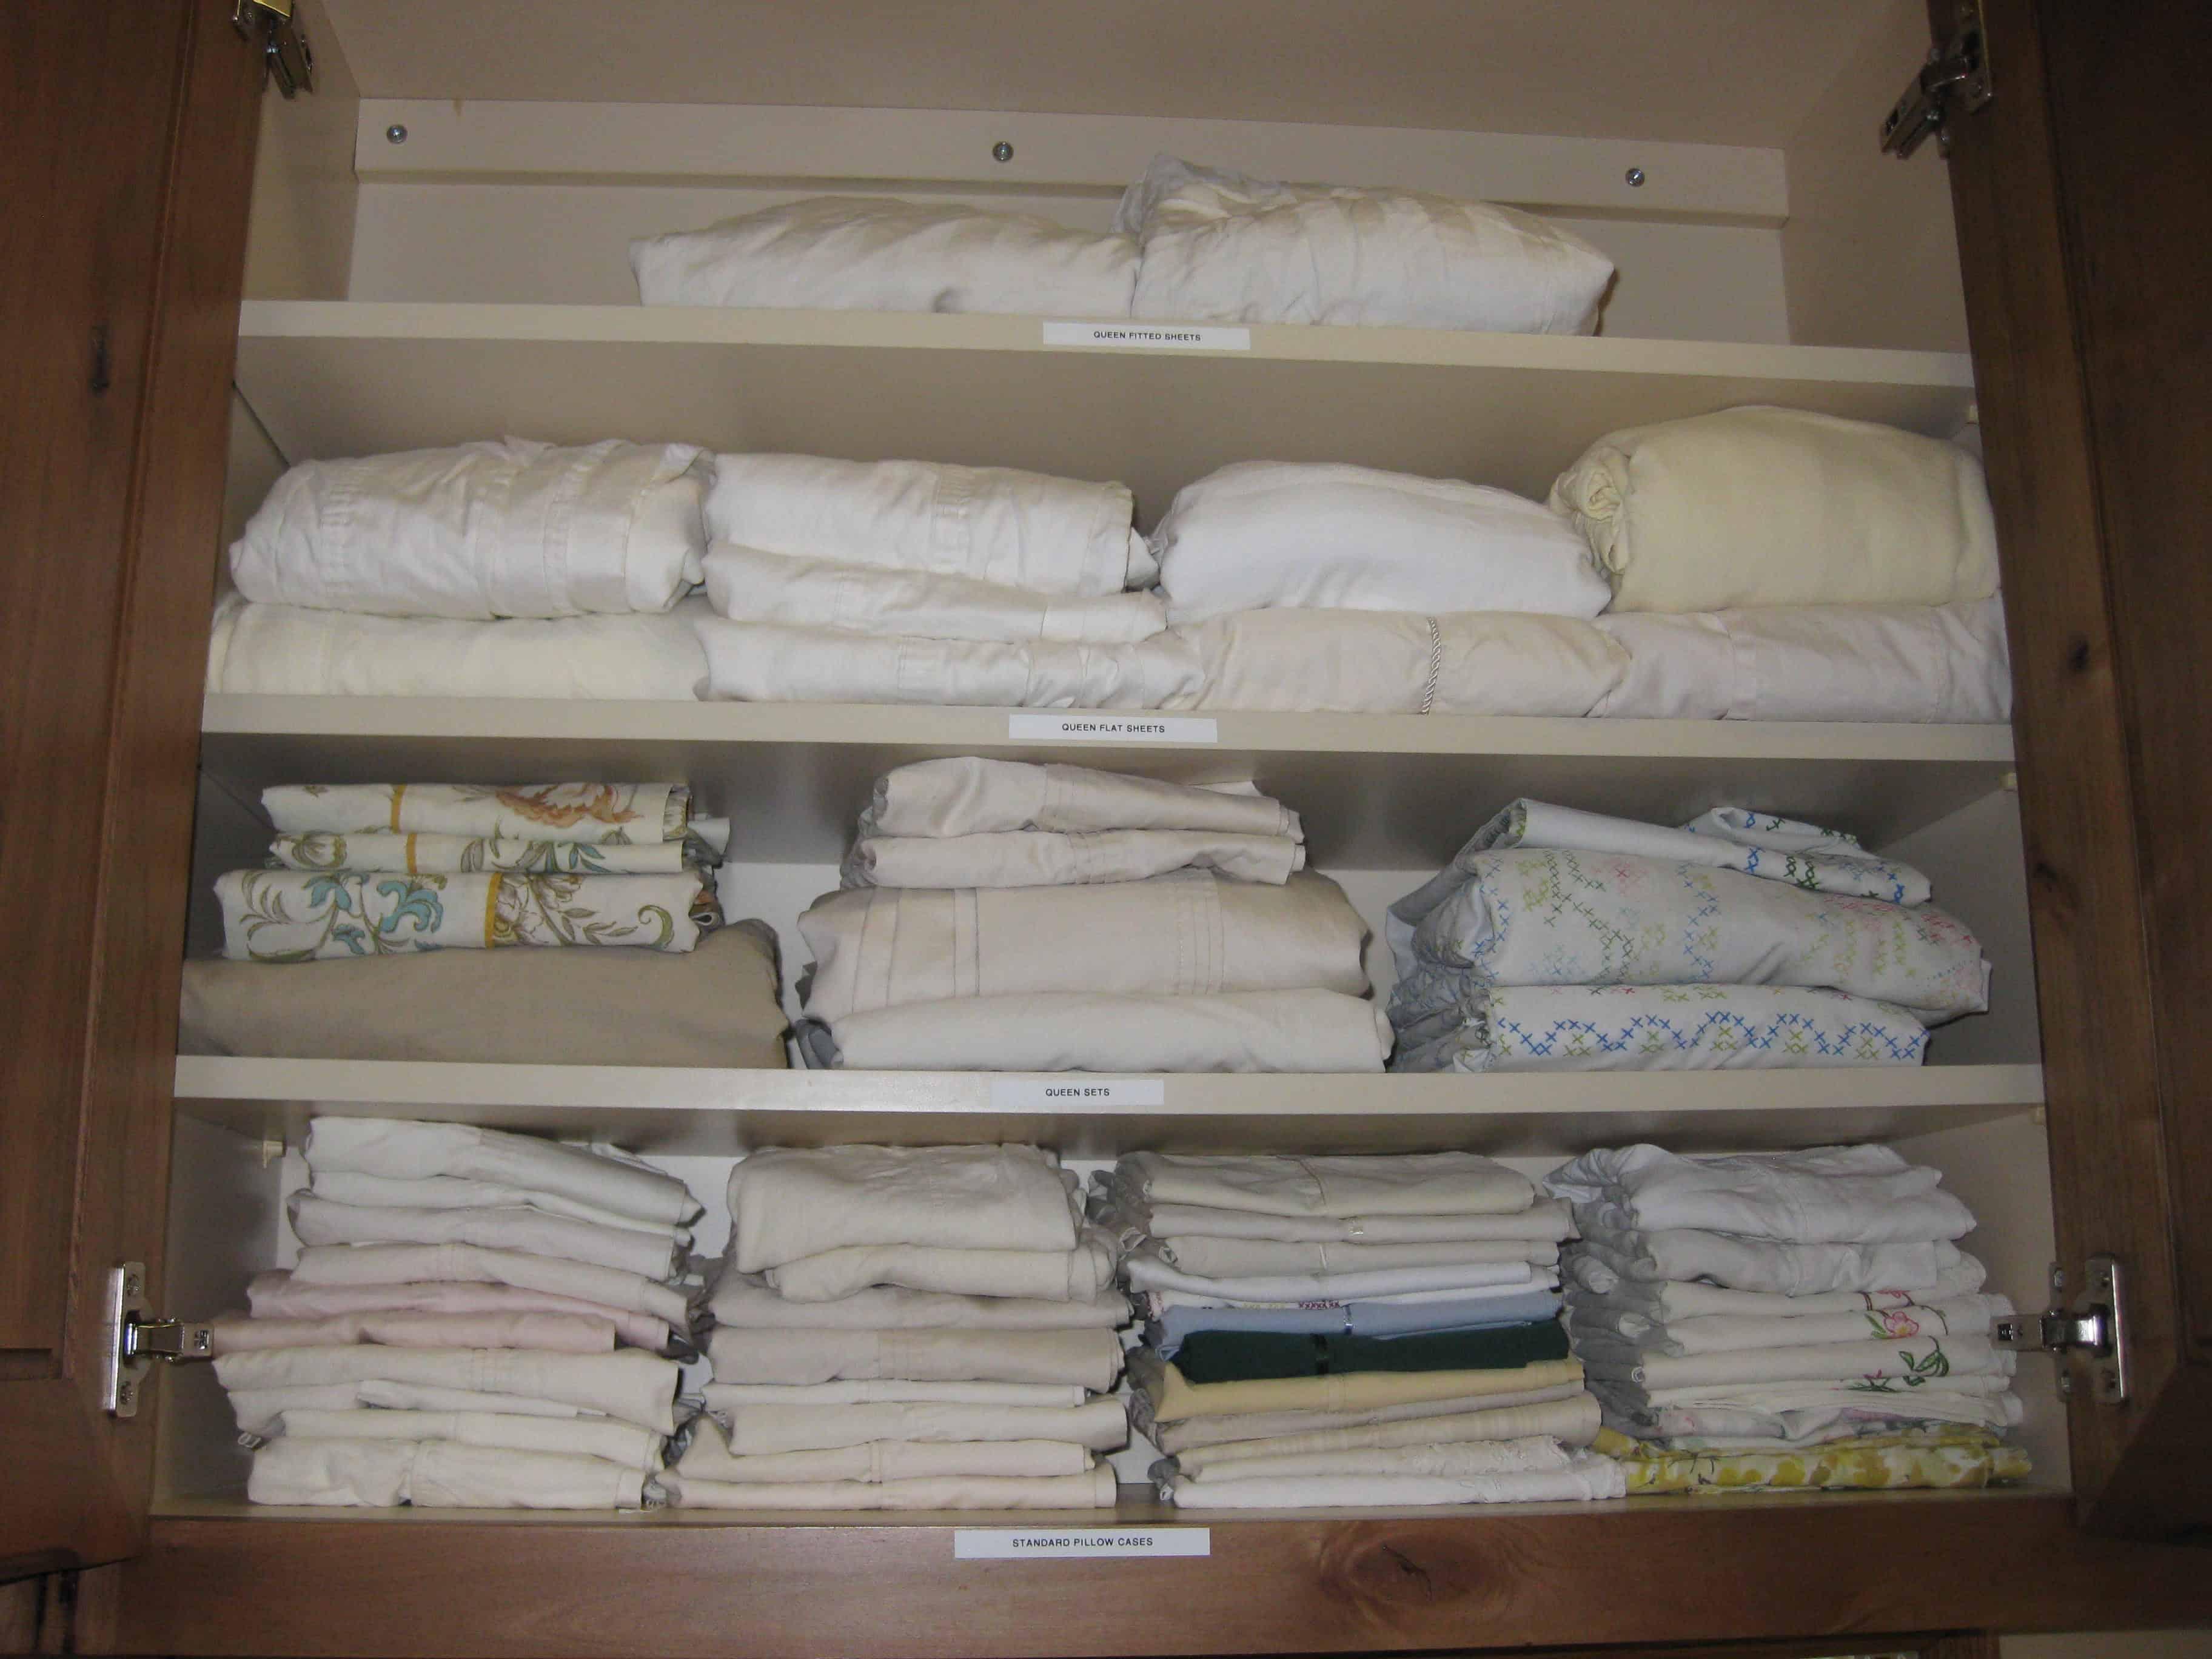 Organized Linen Closet - After